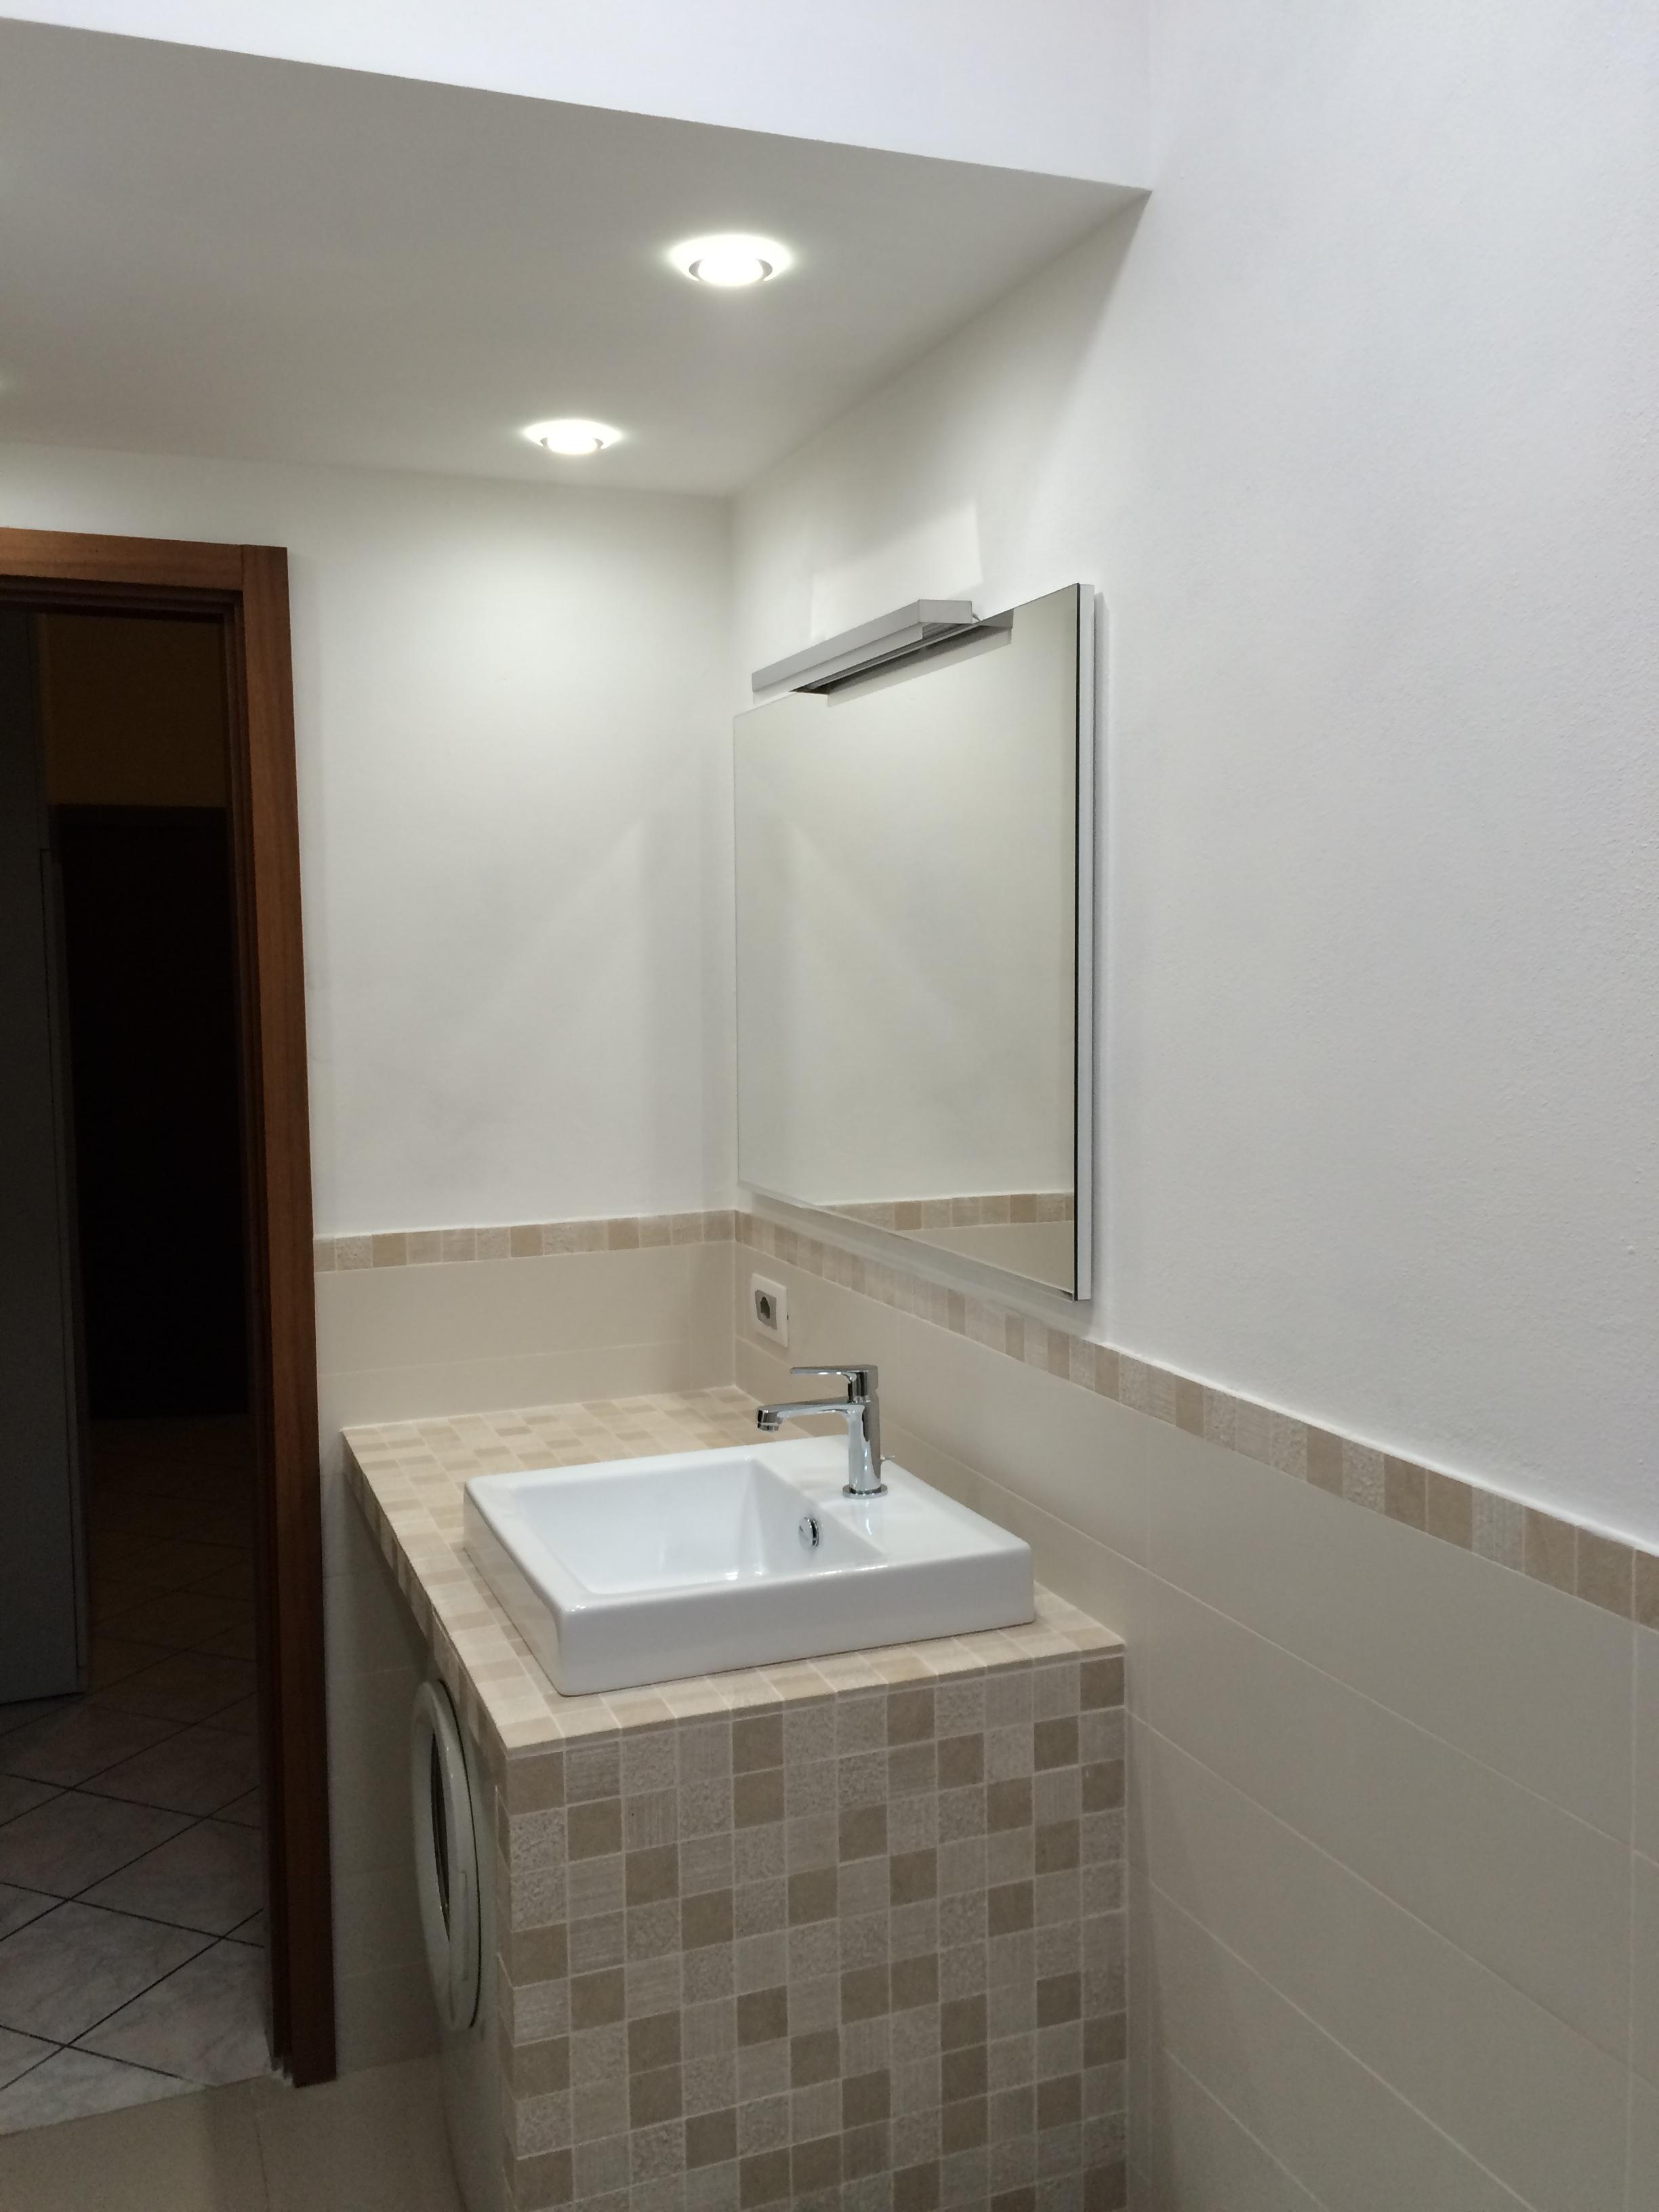 Centro convenienza messina - Bagno con lavatrice ...